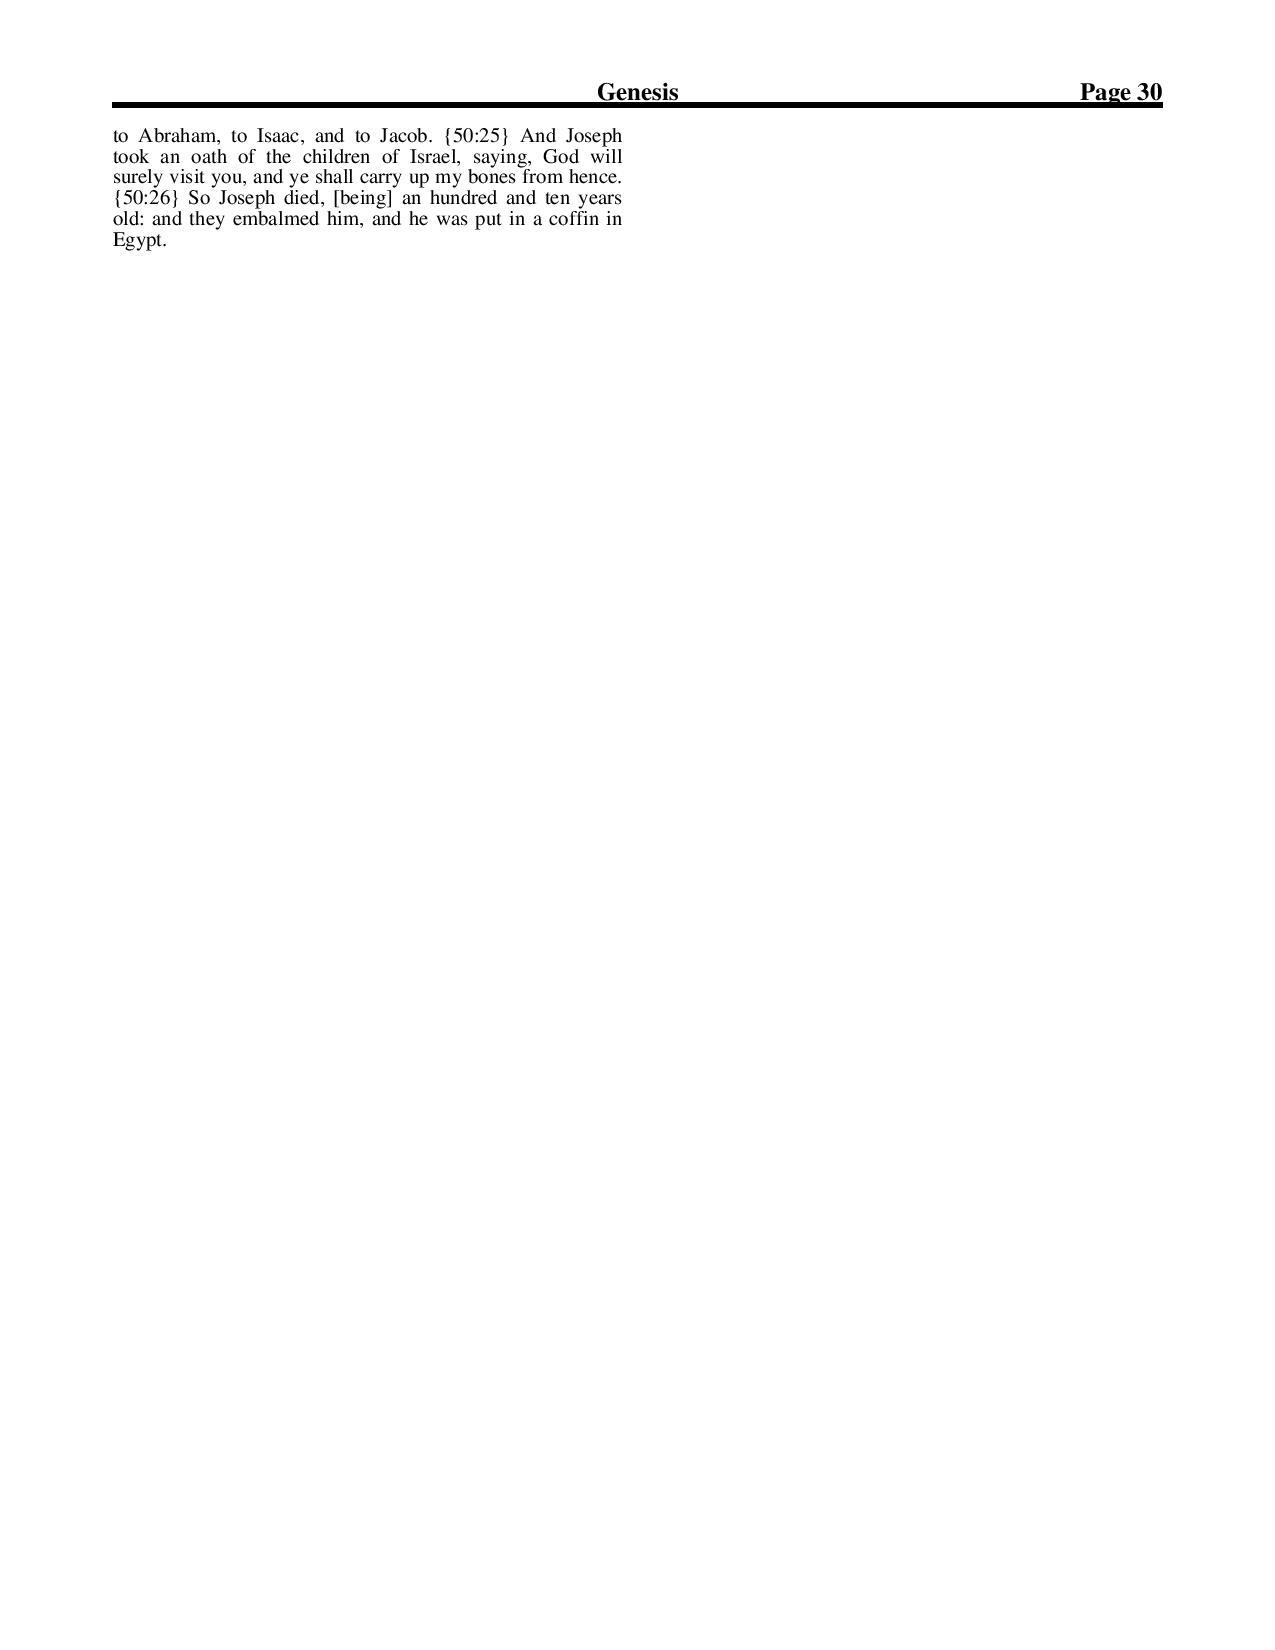 King-James-Bible-KJV-Bible-PDF-page-051